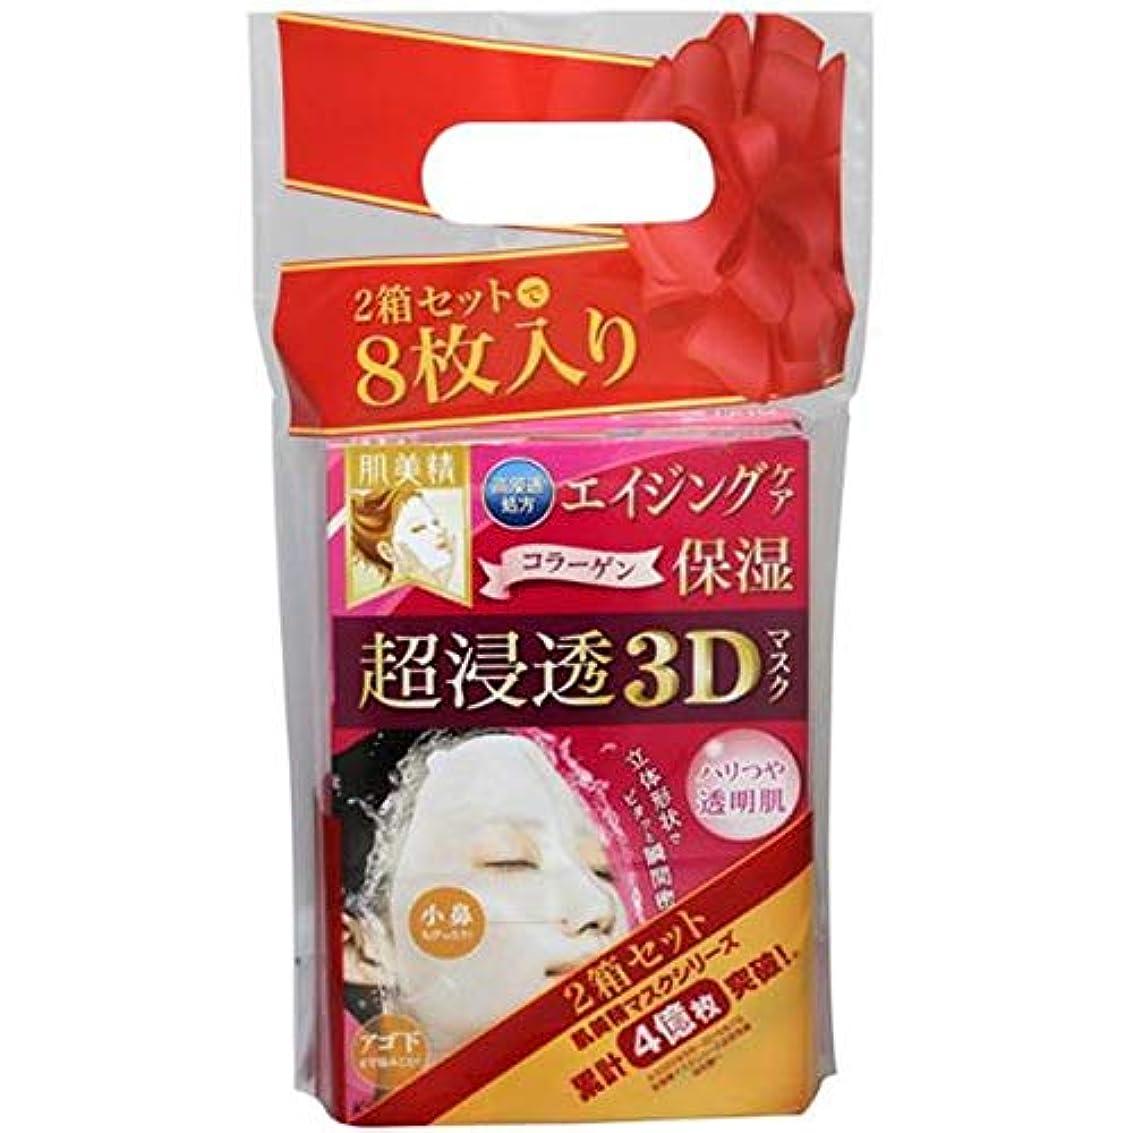 積分涙スリラー【数量限定!お買い得セット!】肌美精 超浸透3Dマスク エイジングケア保湿 2個セット